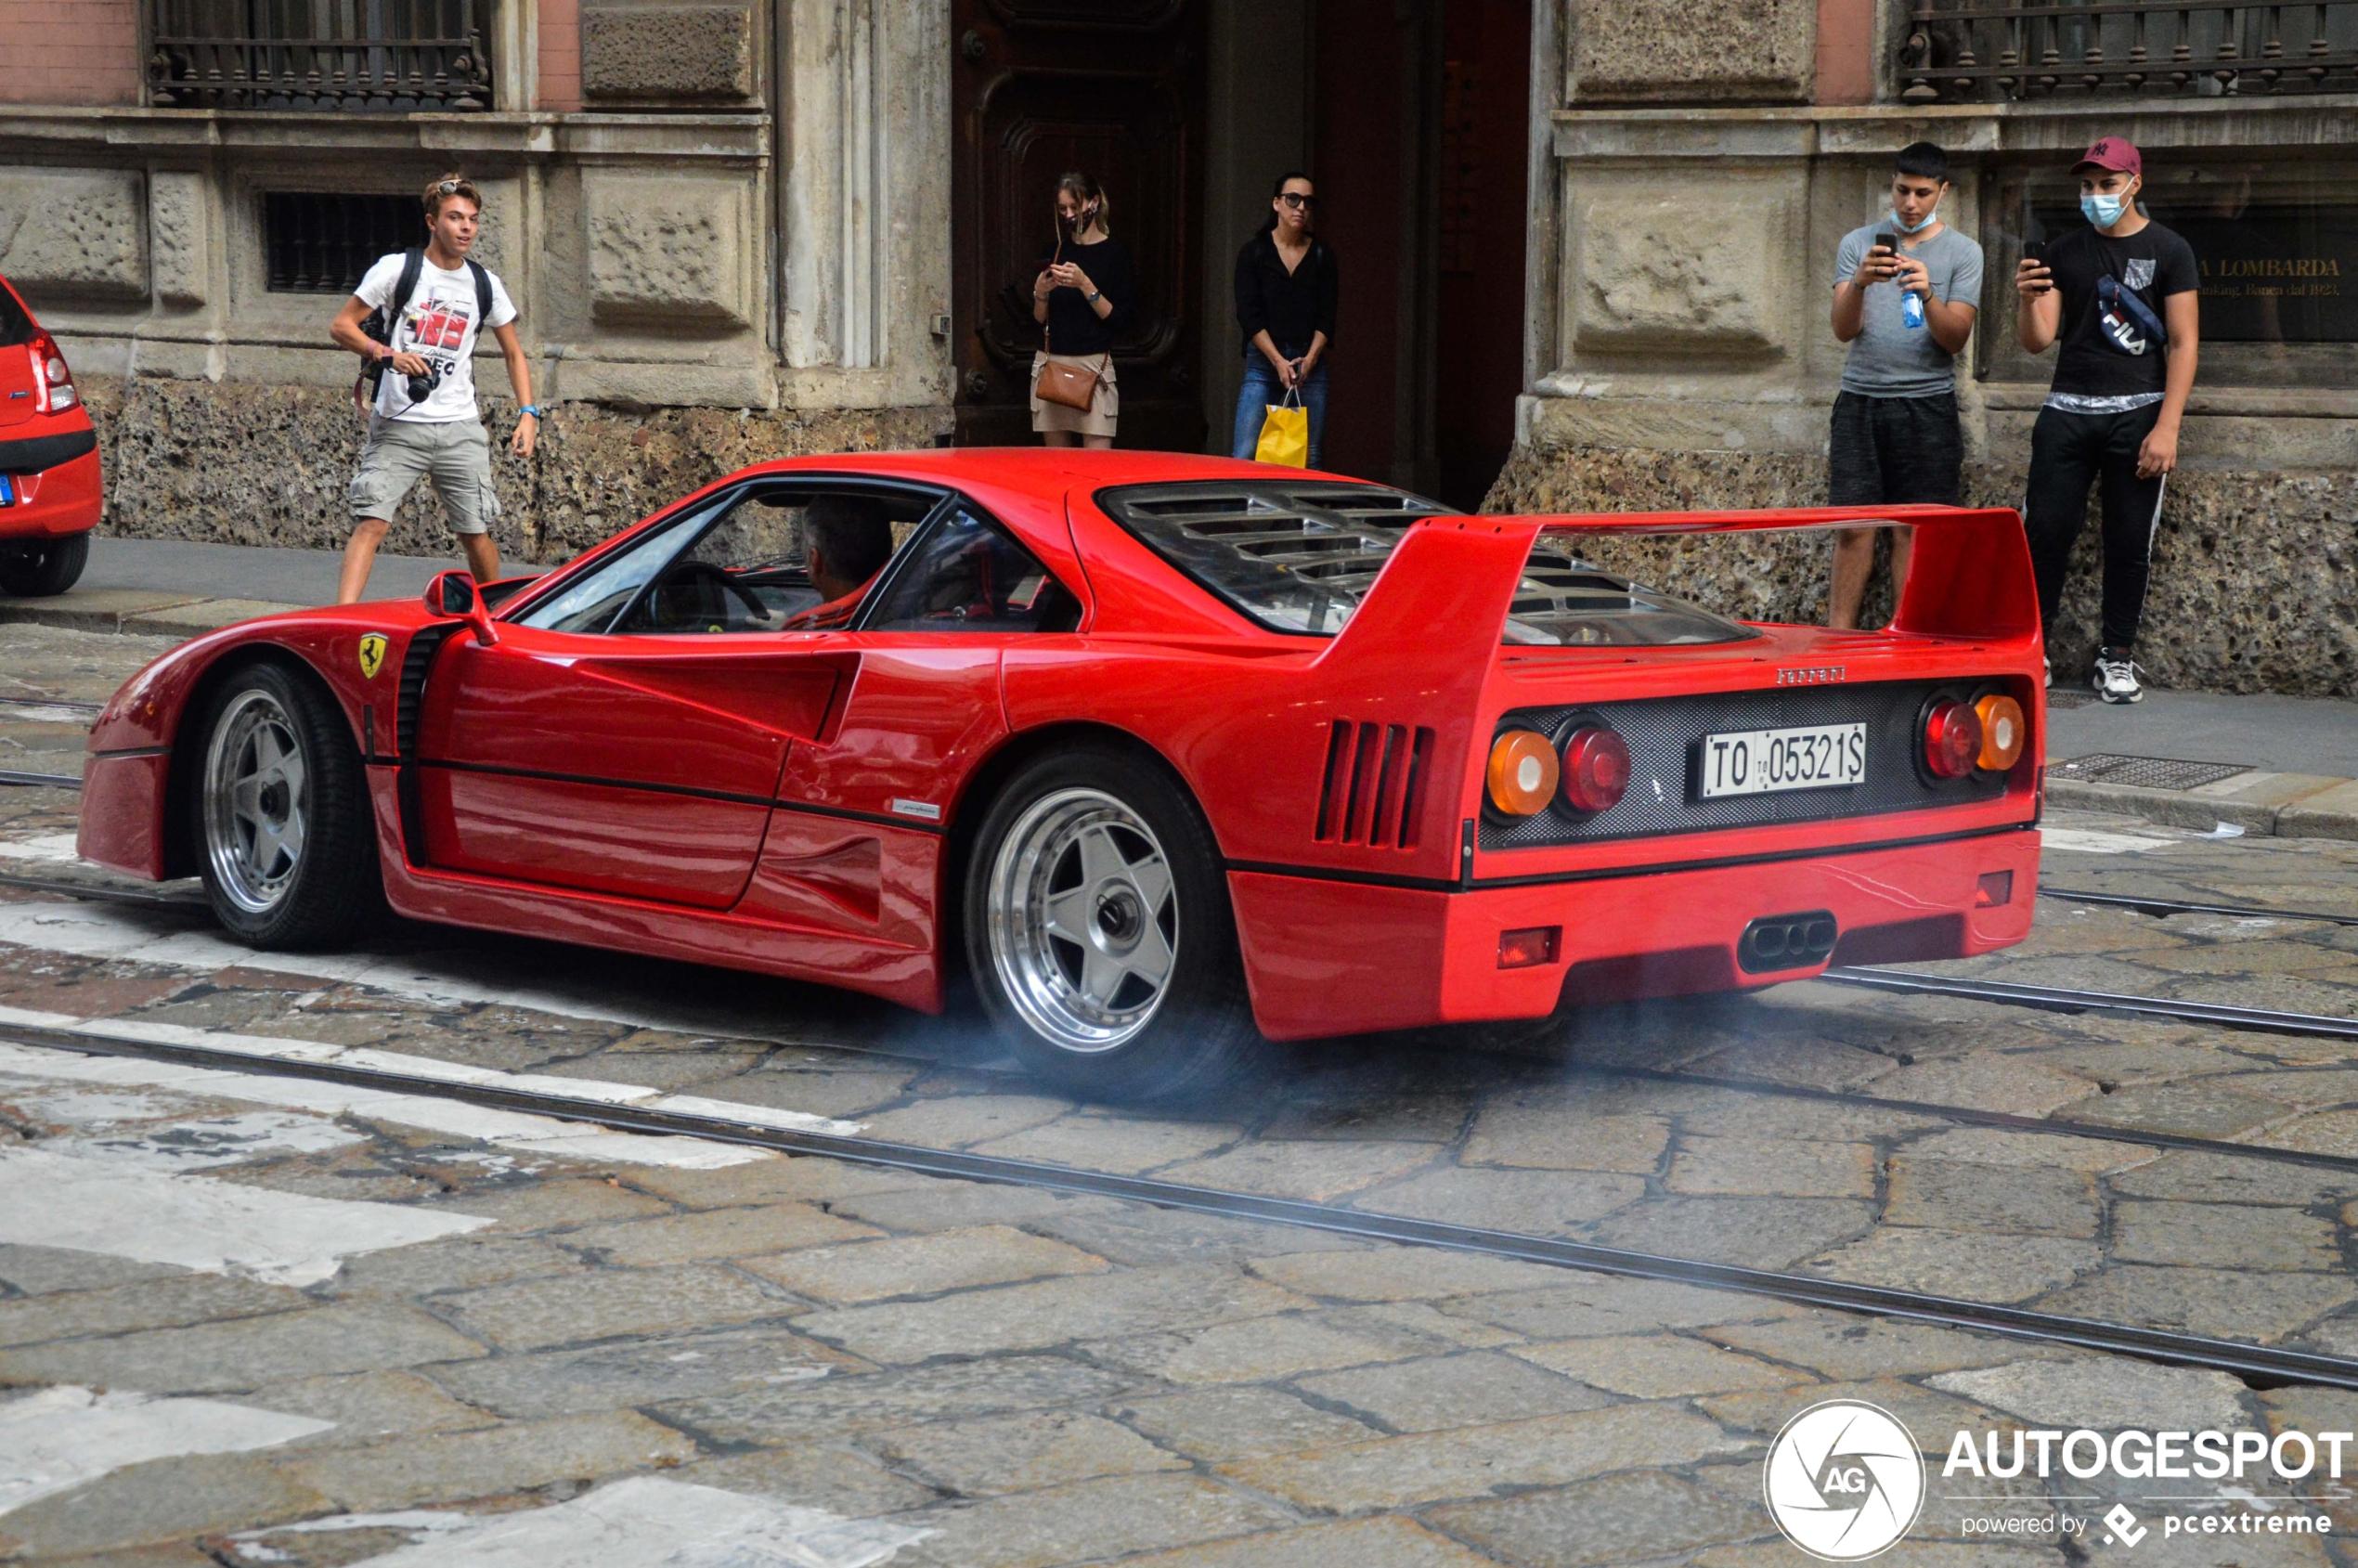 Ferrari F40 zet straten van Milaan blauw